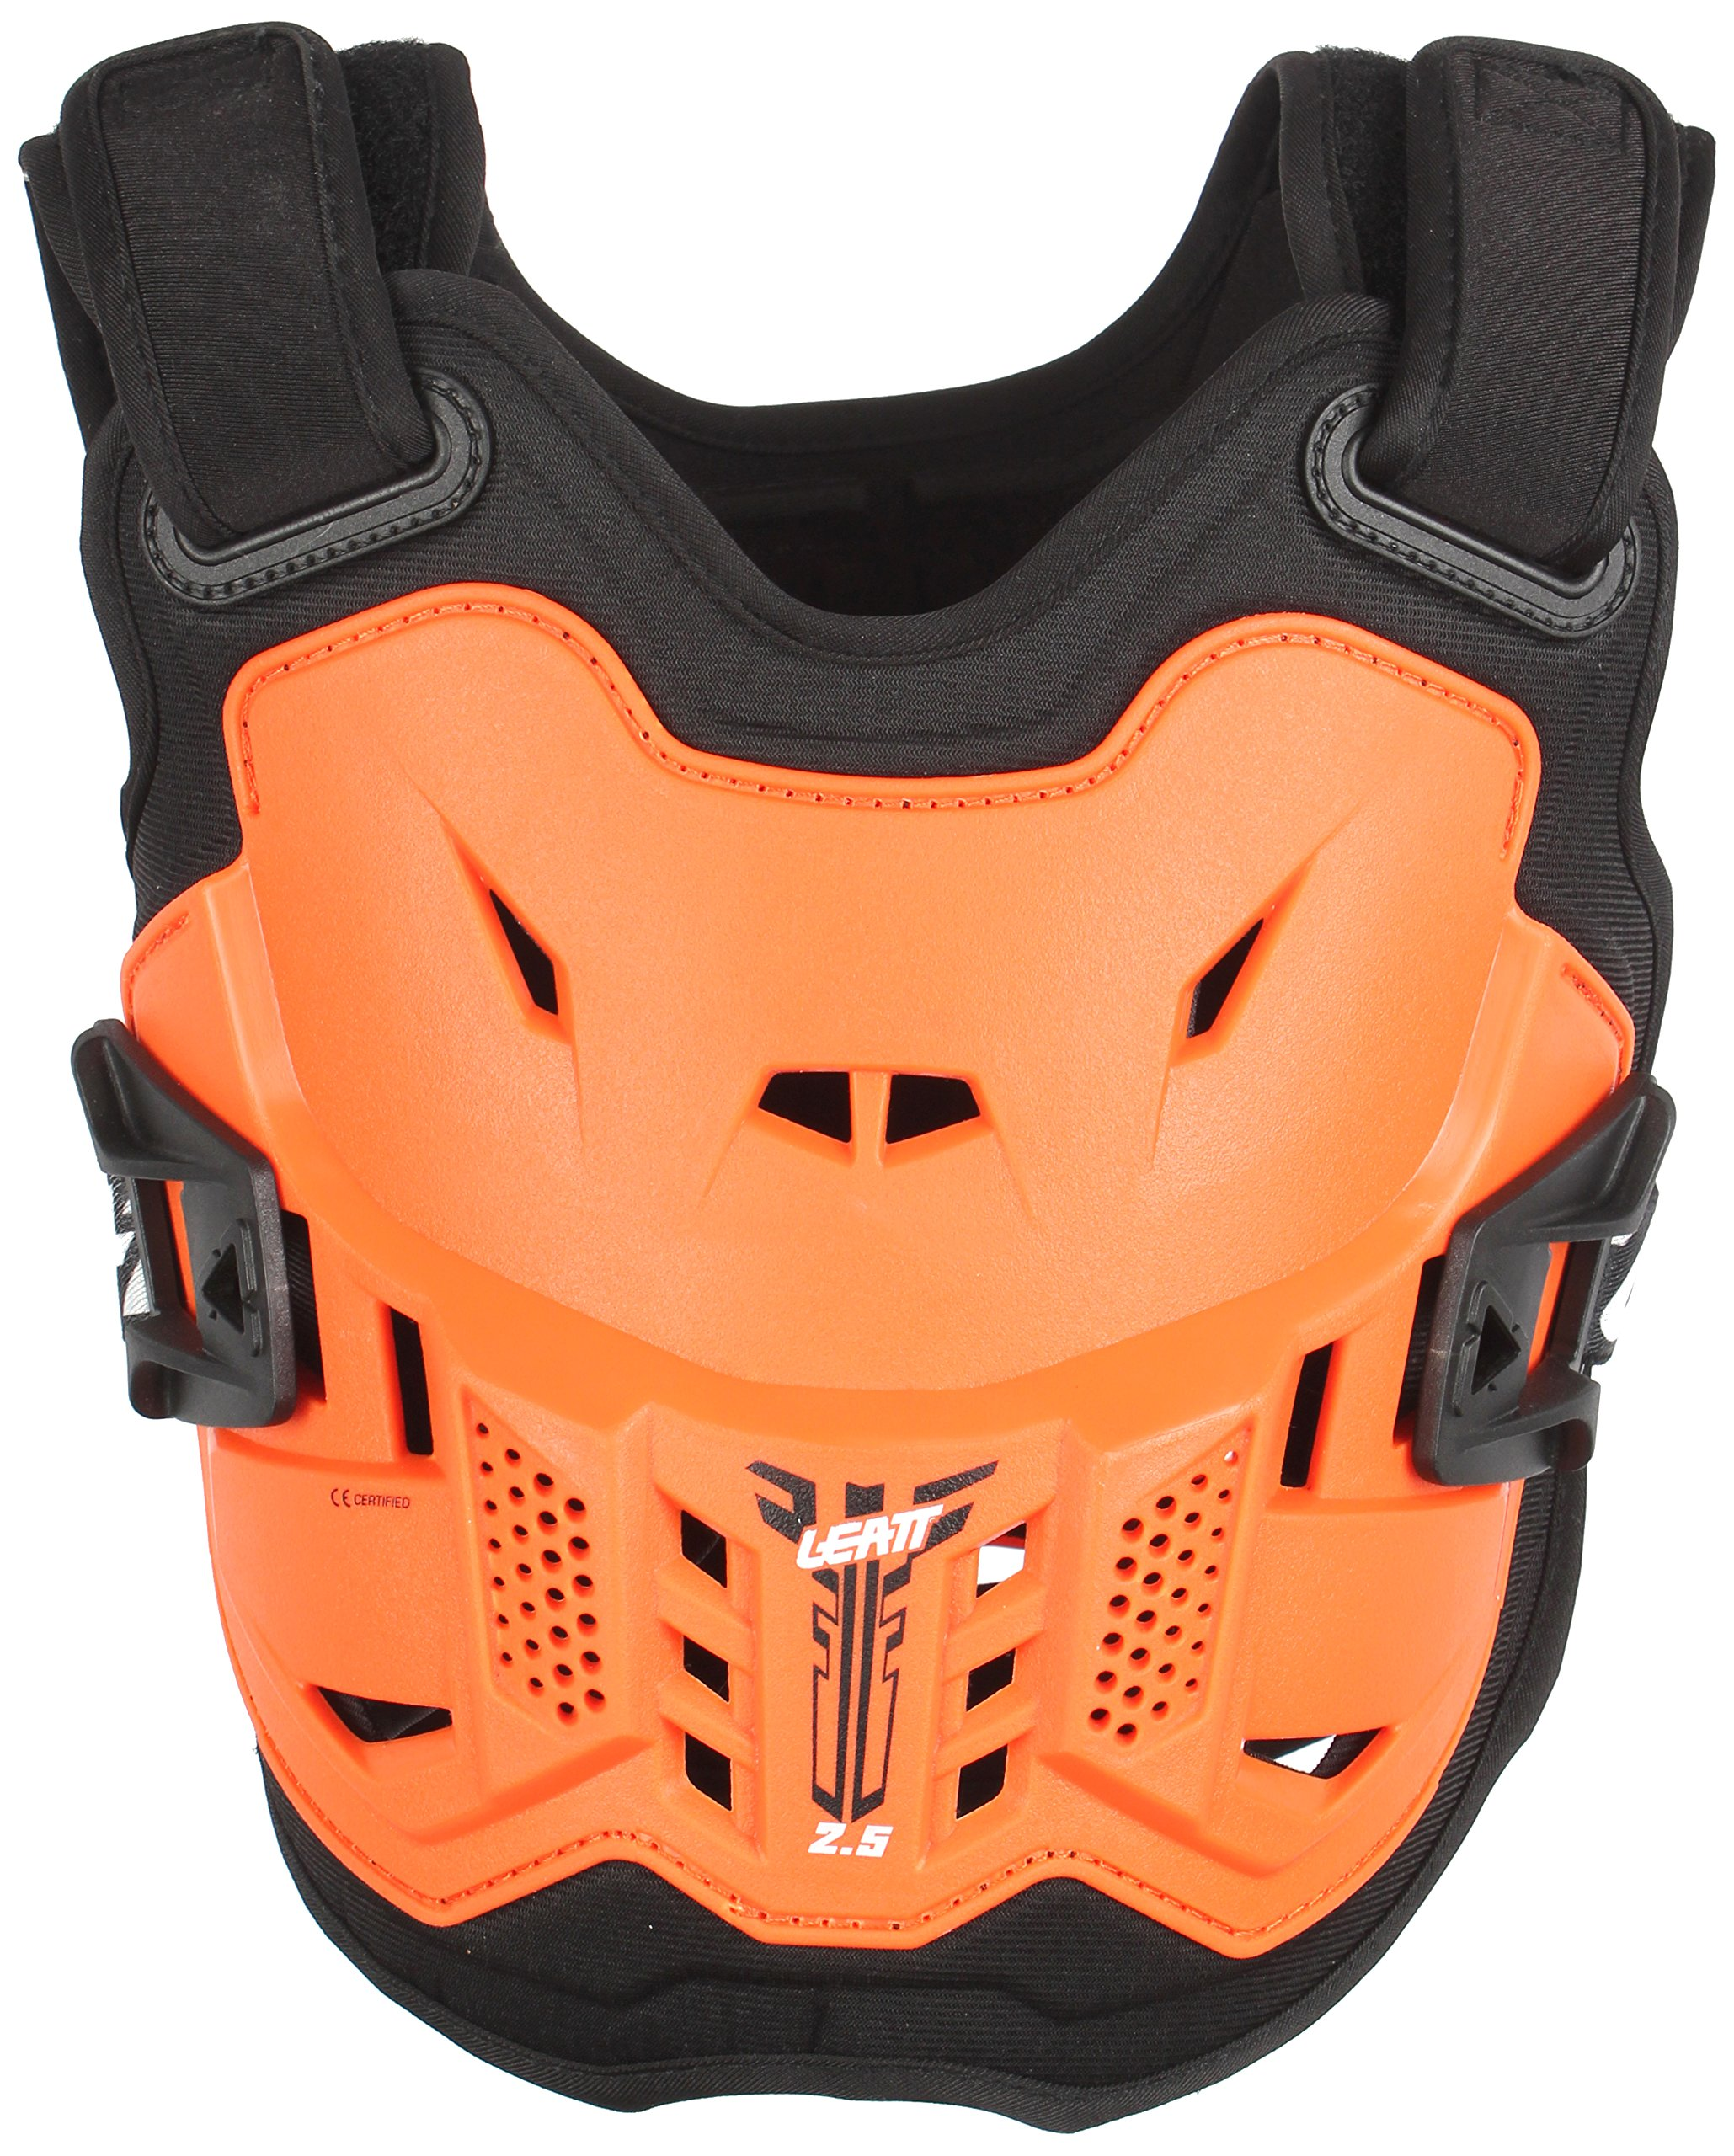 Leatt 2.5 Chest Protector (Orange/Black, Kids)